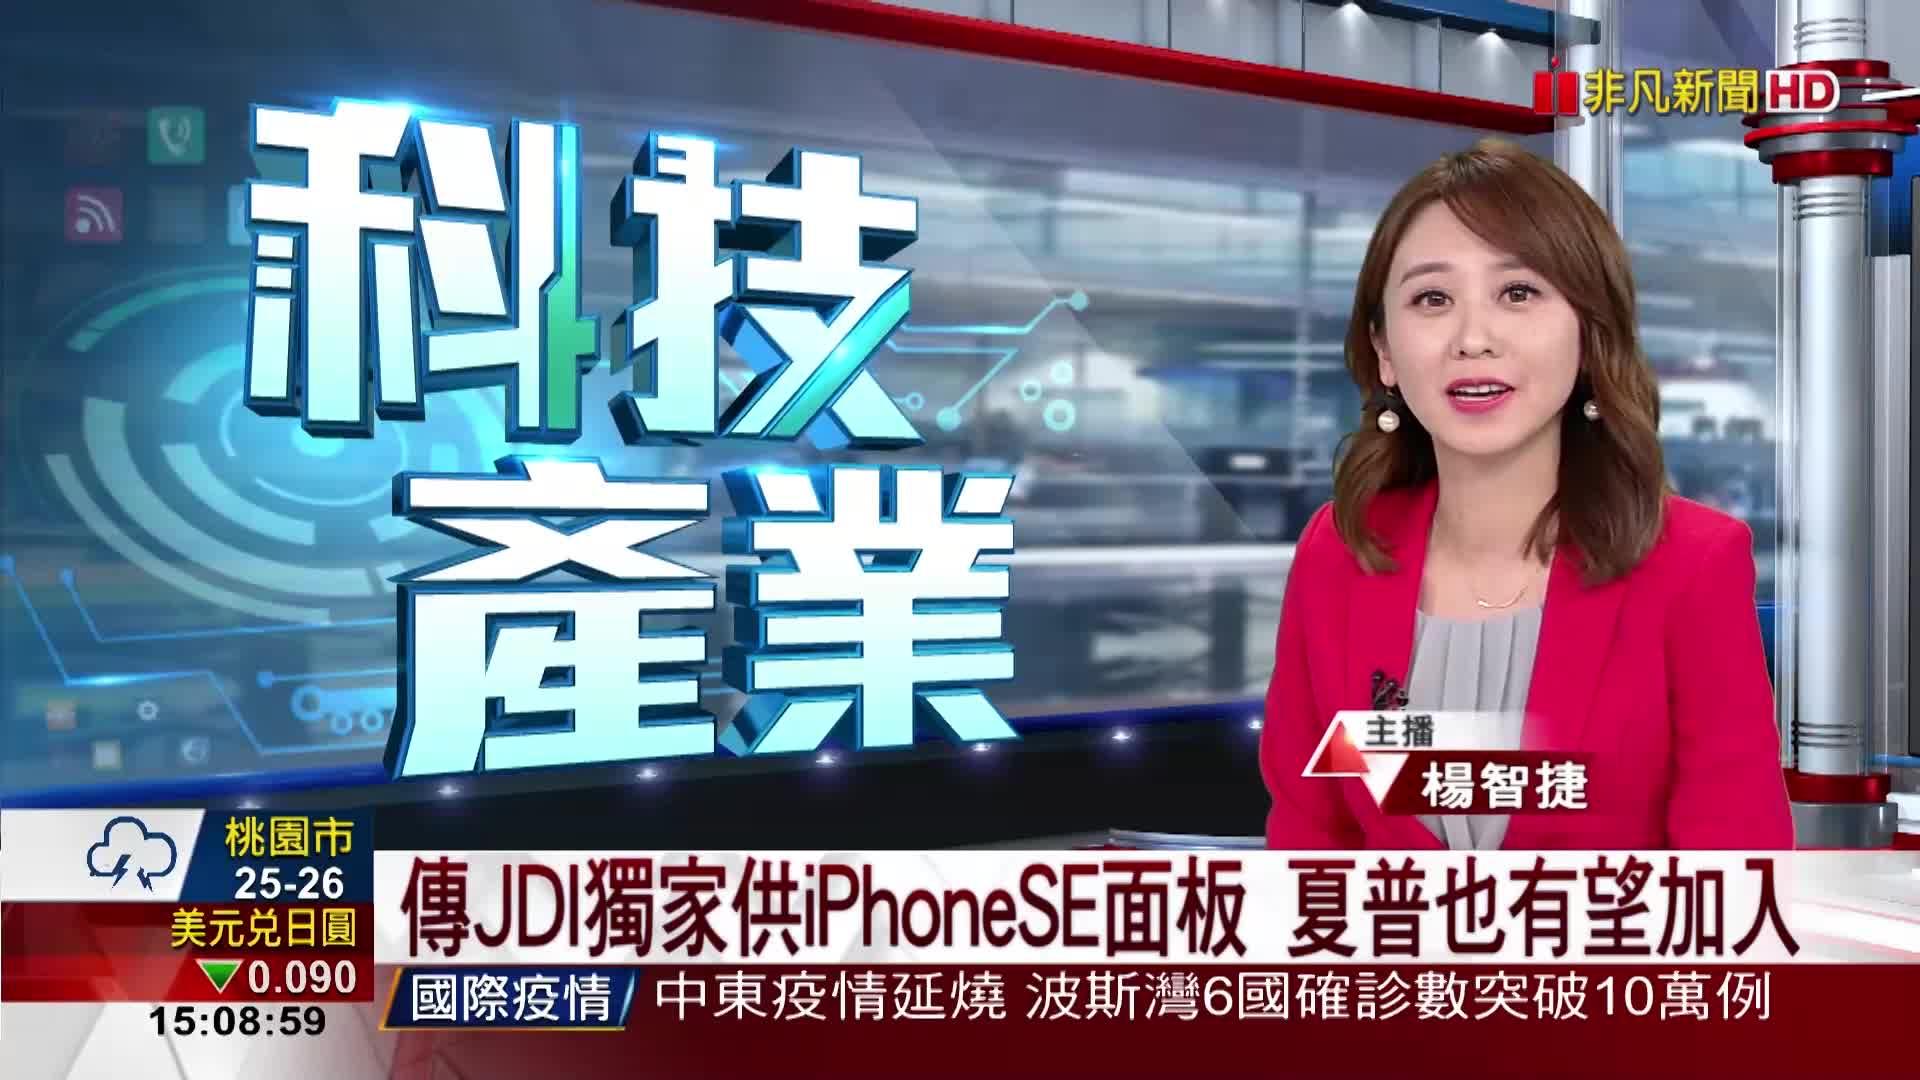 傳JDI獨家供iPhoneSE面板 夏普也有望加入